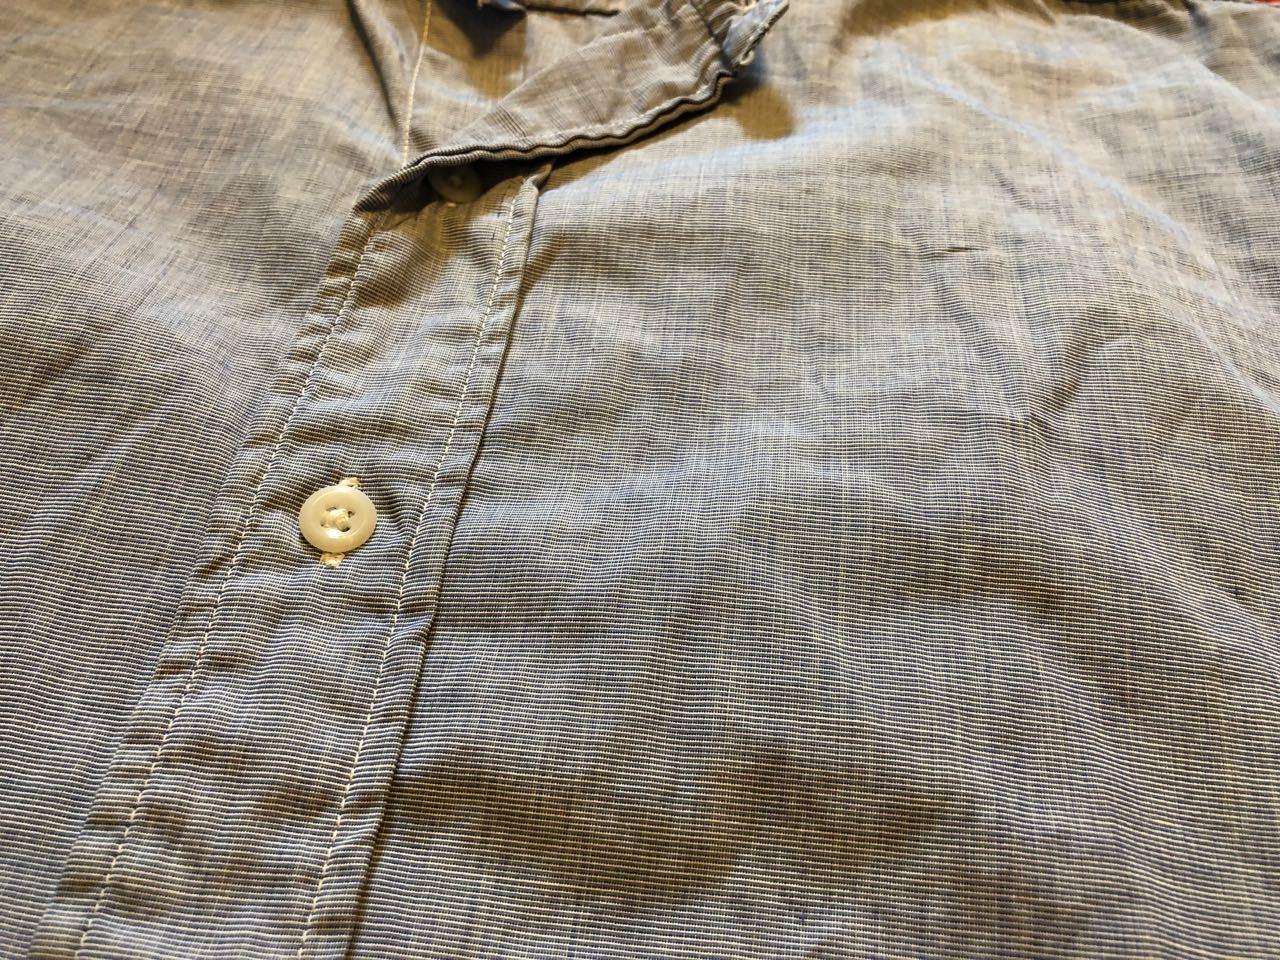 4月7日(日)入荷!60s  British Army Officer Shirts マチ付き ハケメ all cotton  ユーロビンテージシャツ! _c0144020_13213108.jpg